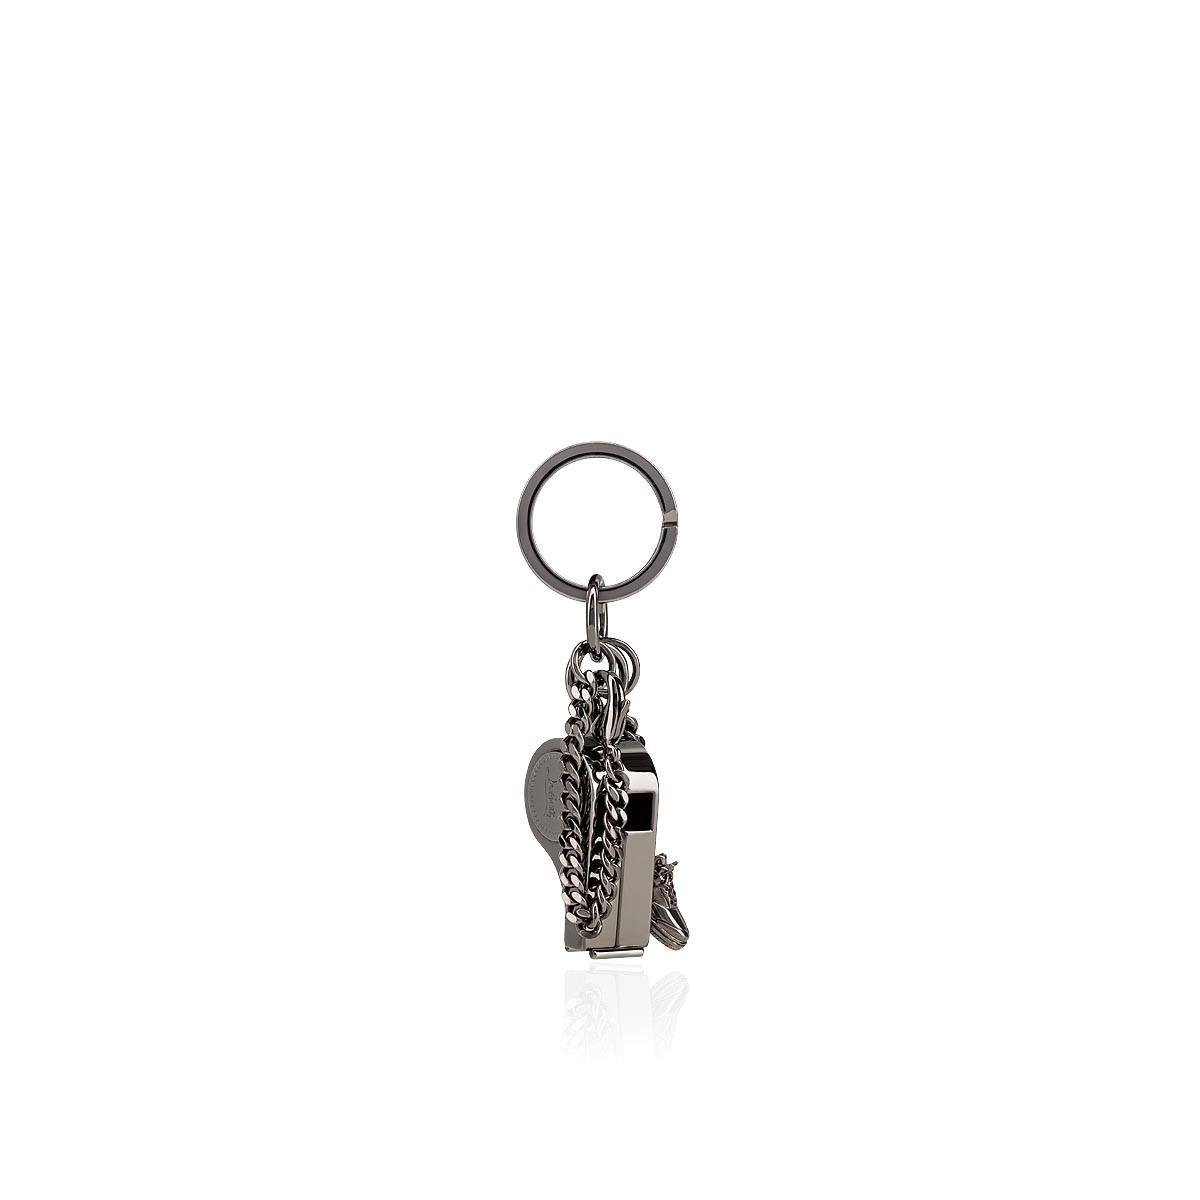 飾品 - M Whistle Keyring - Christian Louboutin